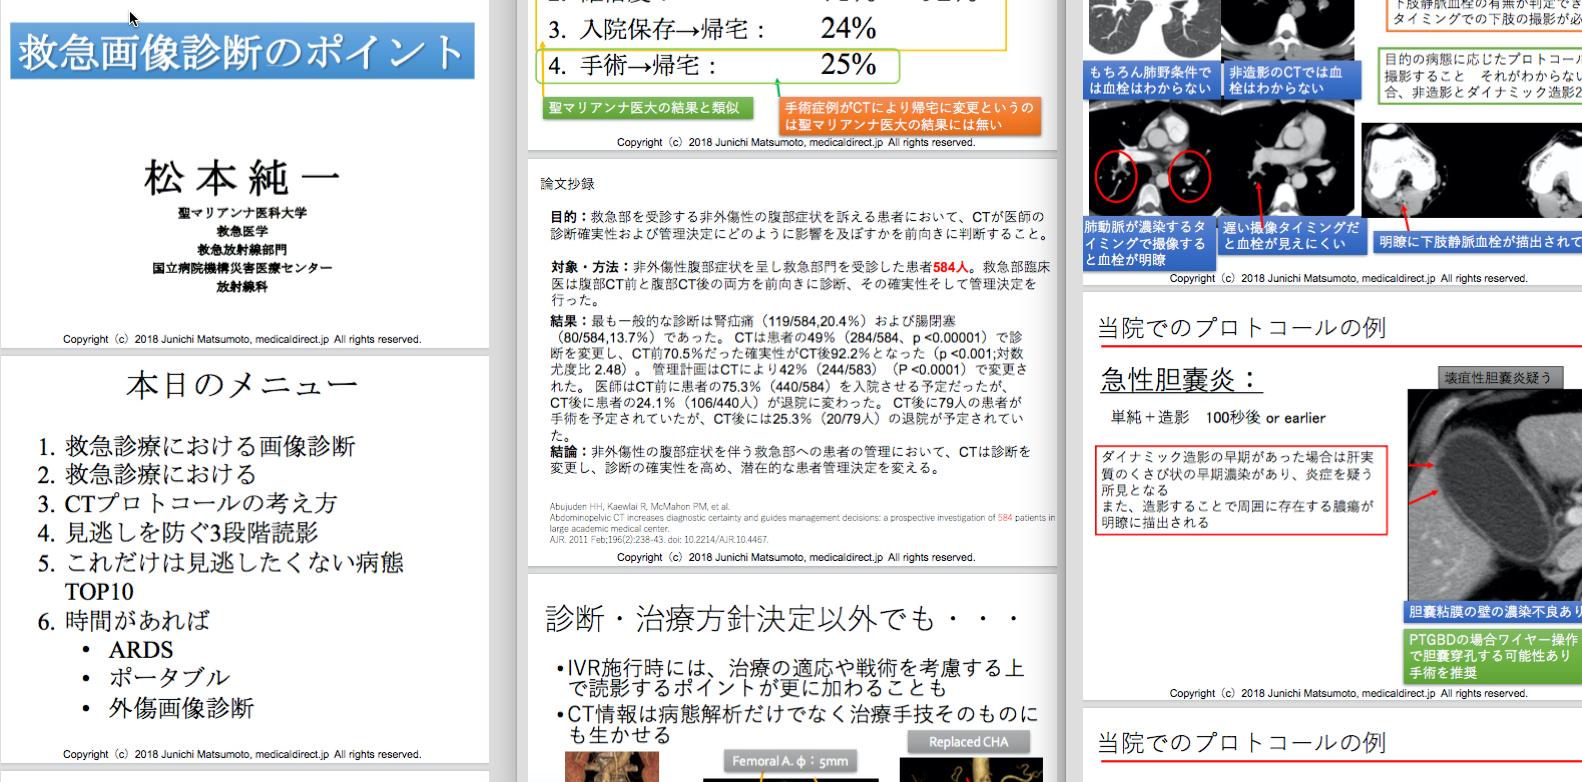 特典PDFのJPEG画像まとめ1